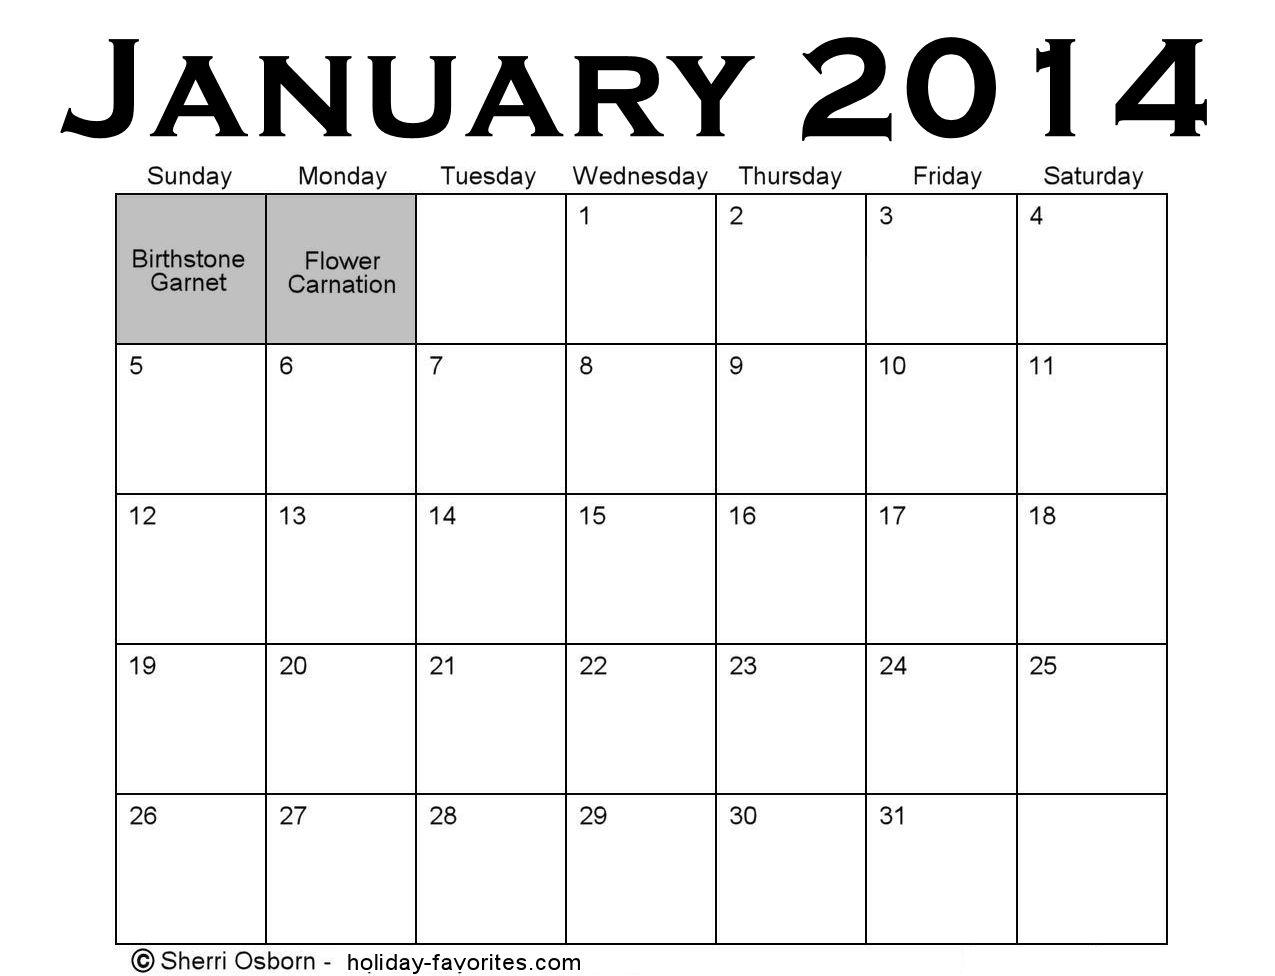 January Holidays